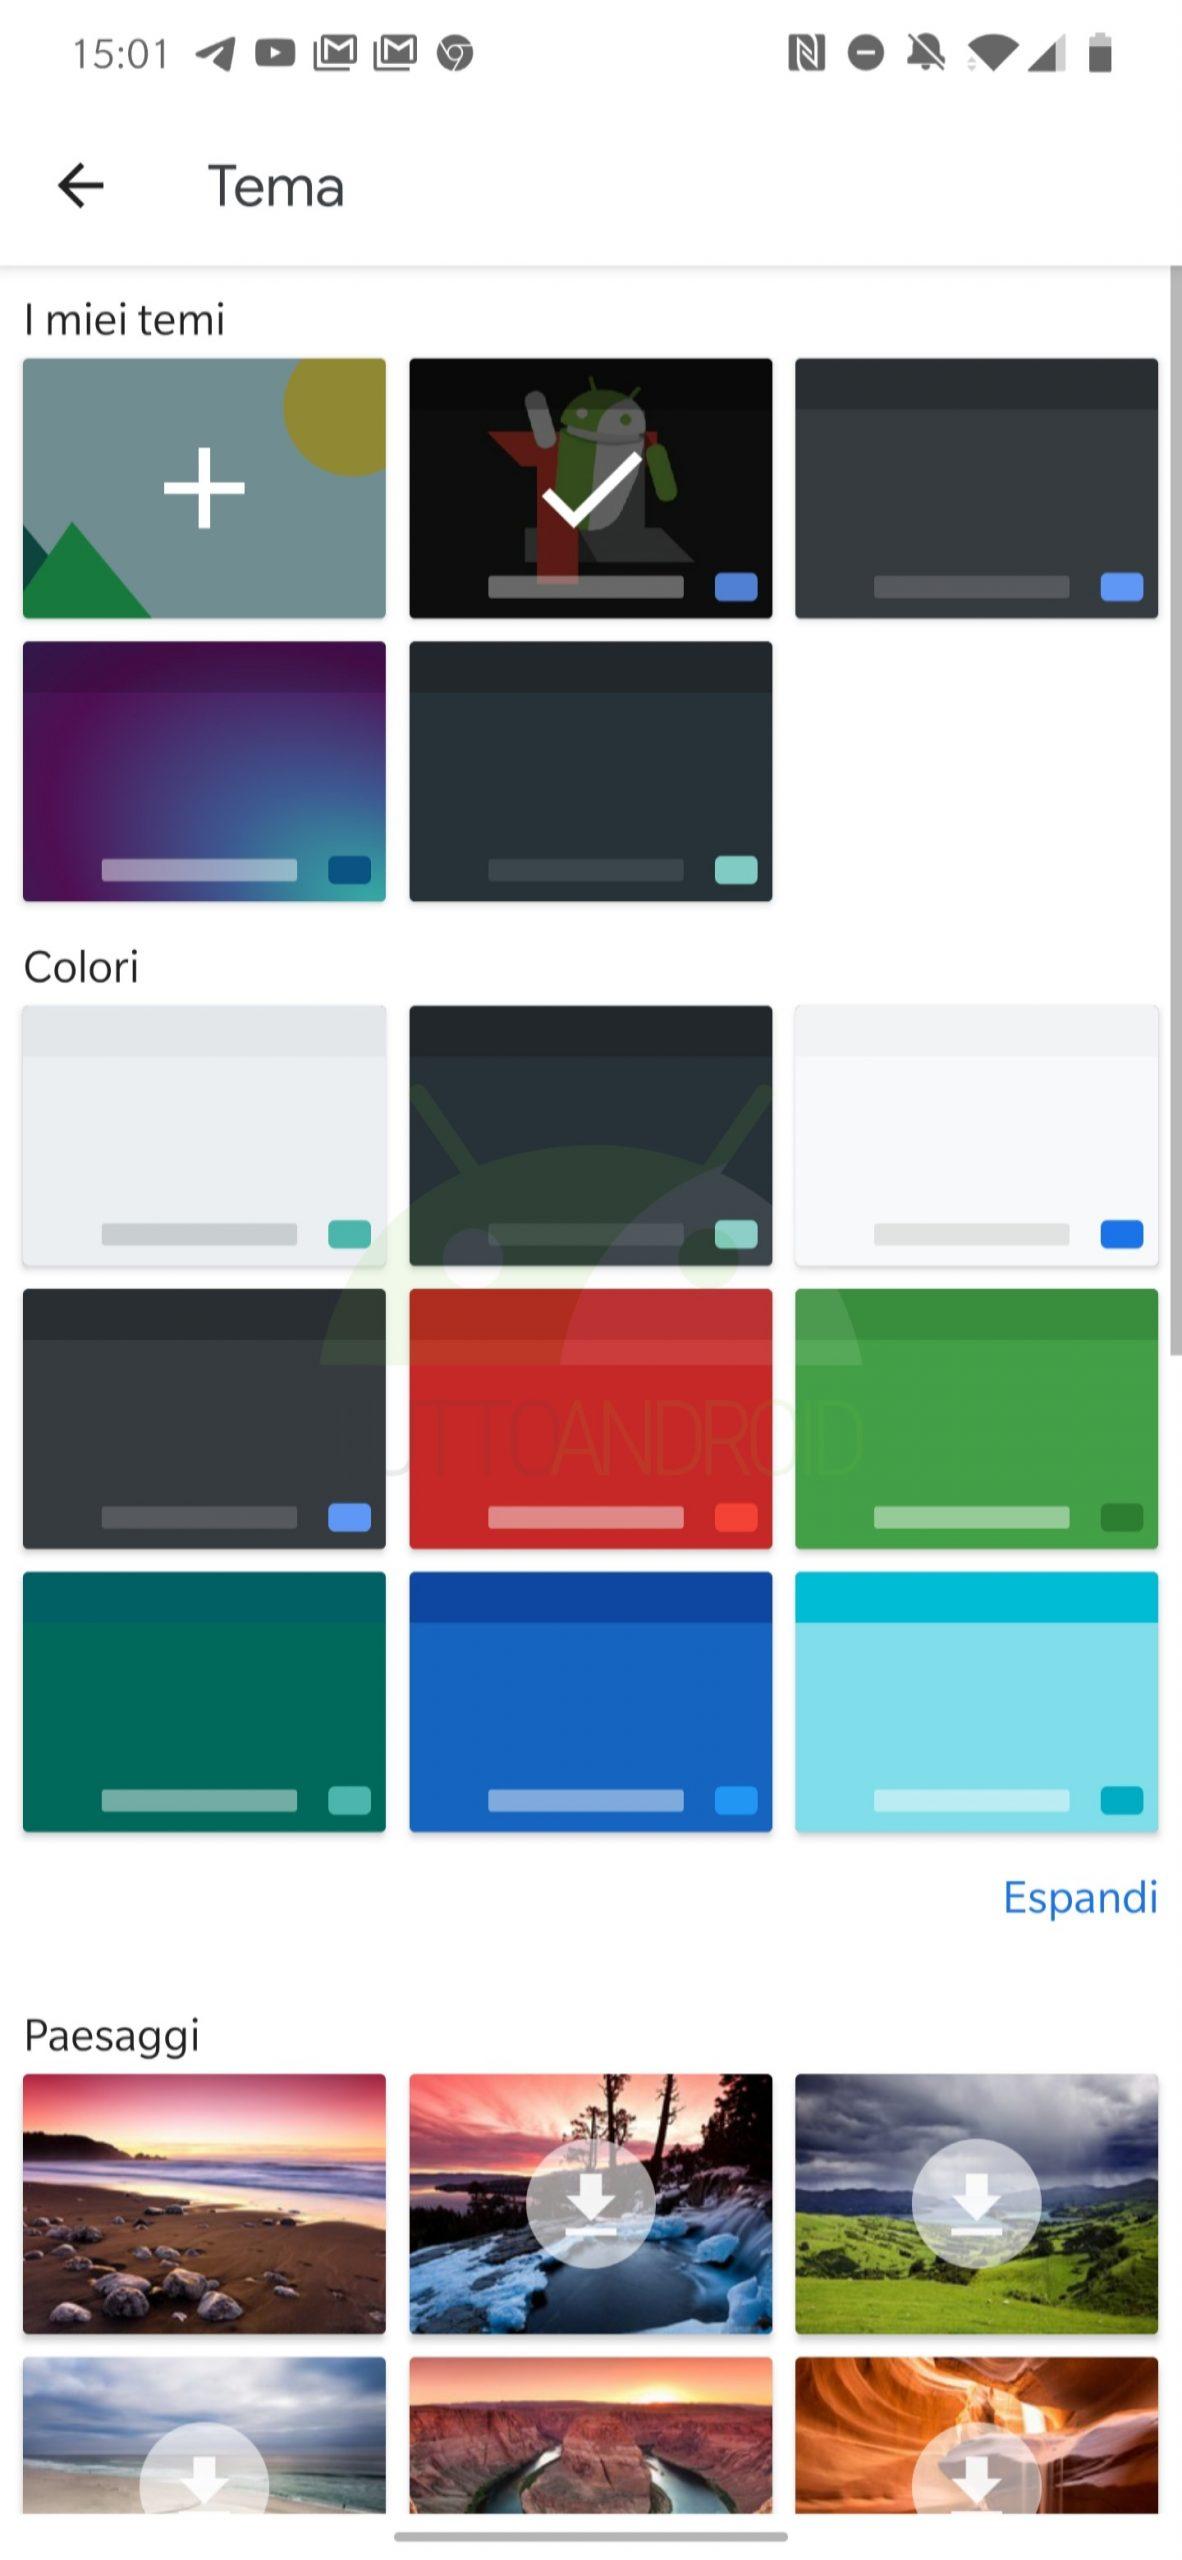 Gboard Tastiera di Google personalizzazione temi